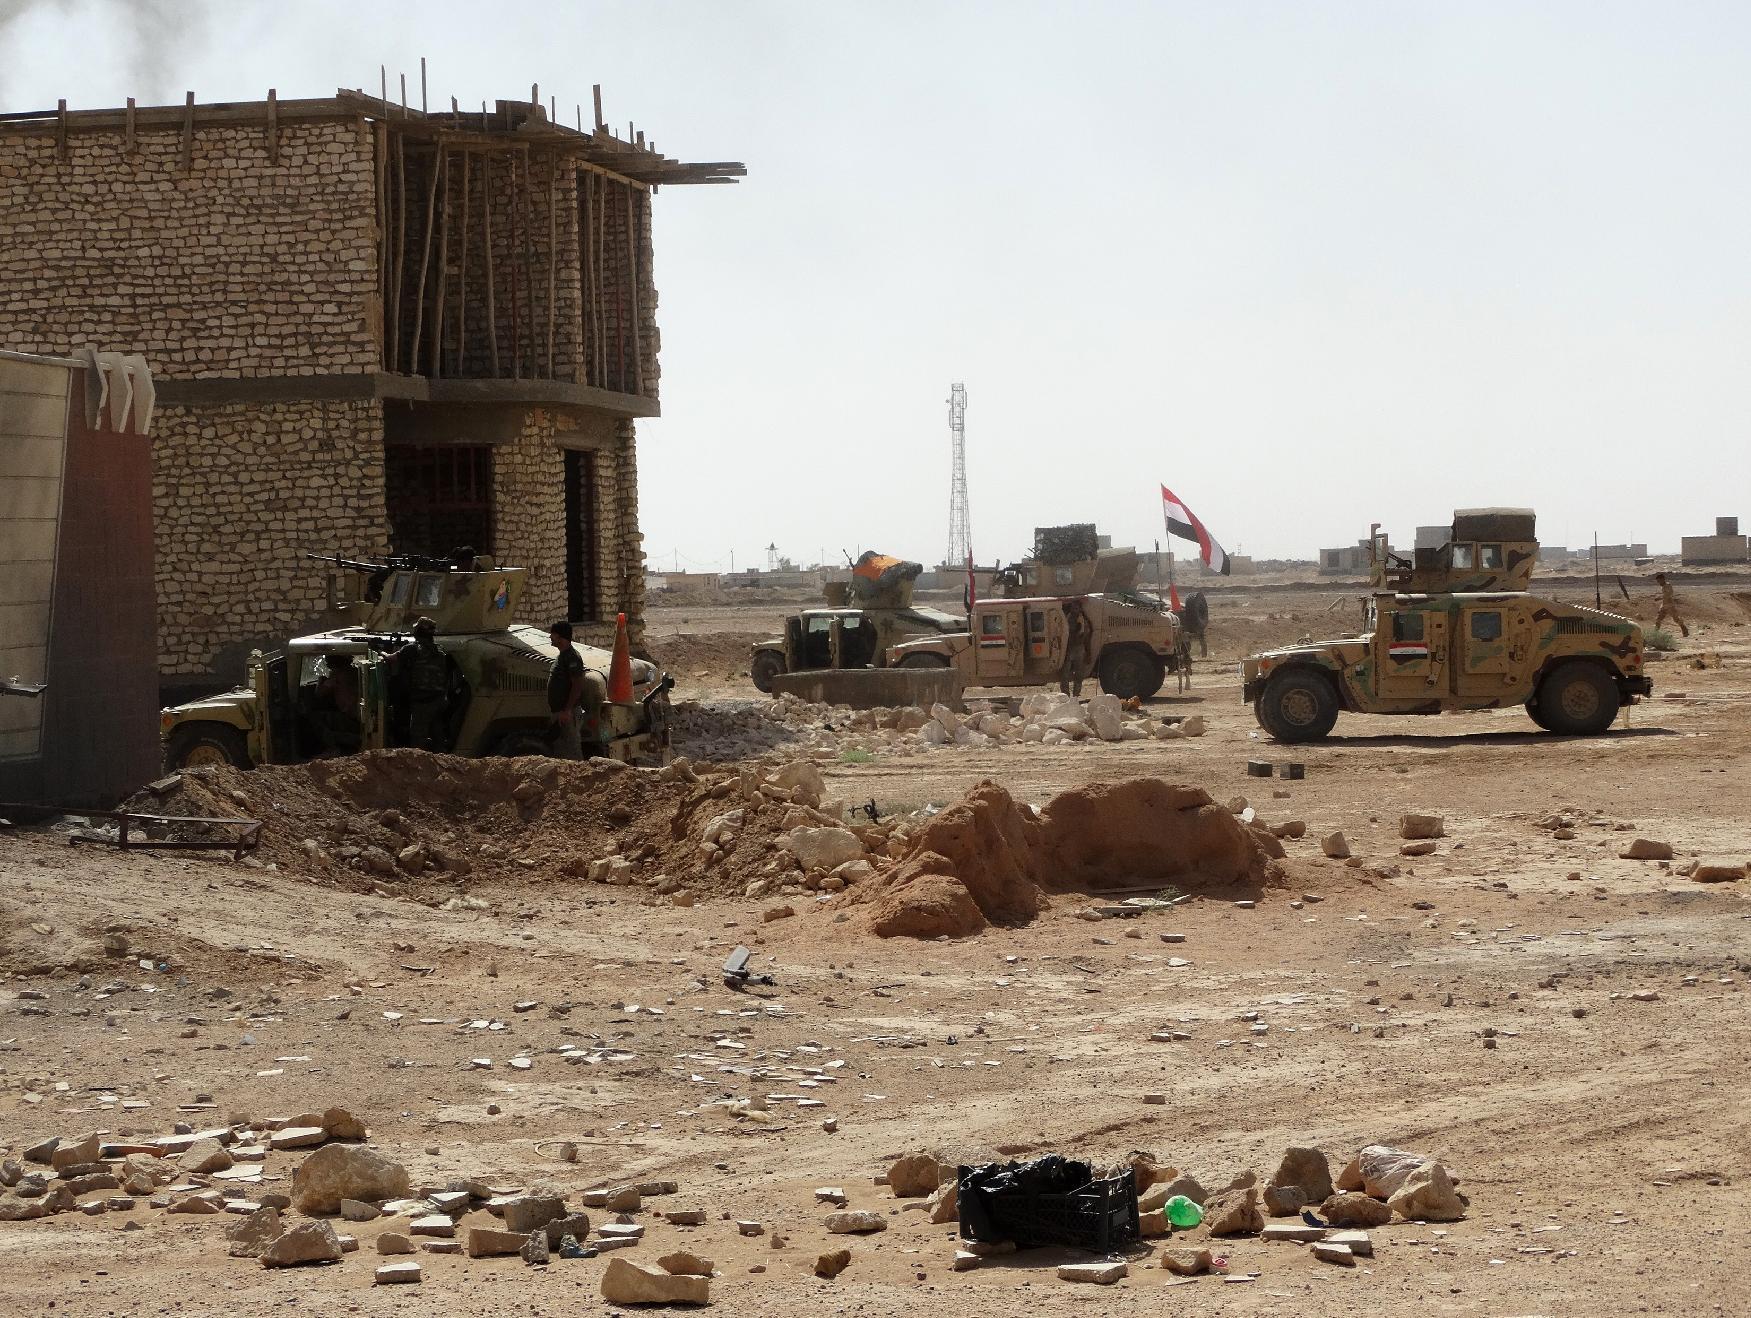 150 found in Iraq mass grave